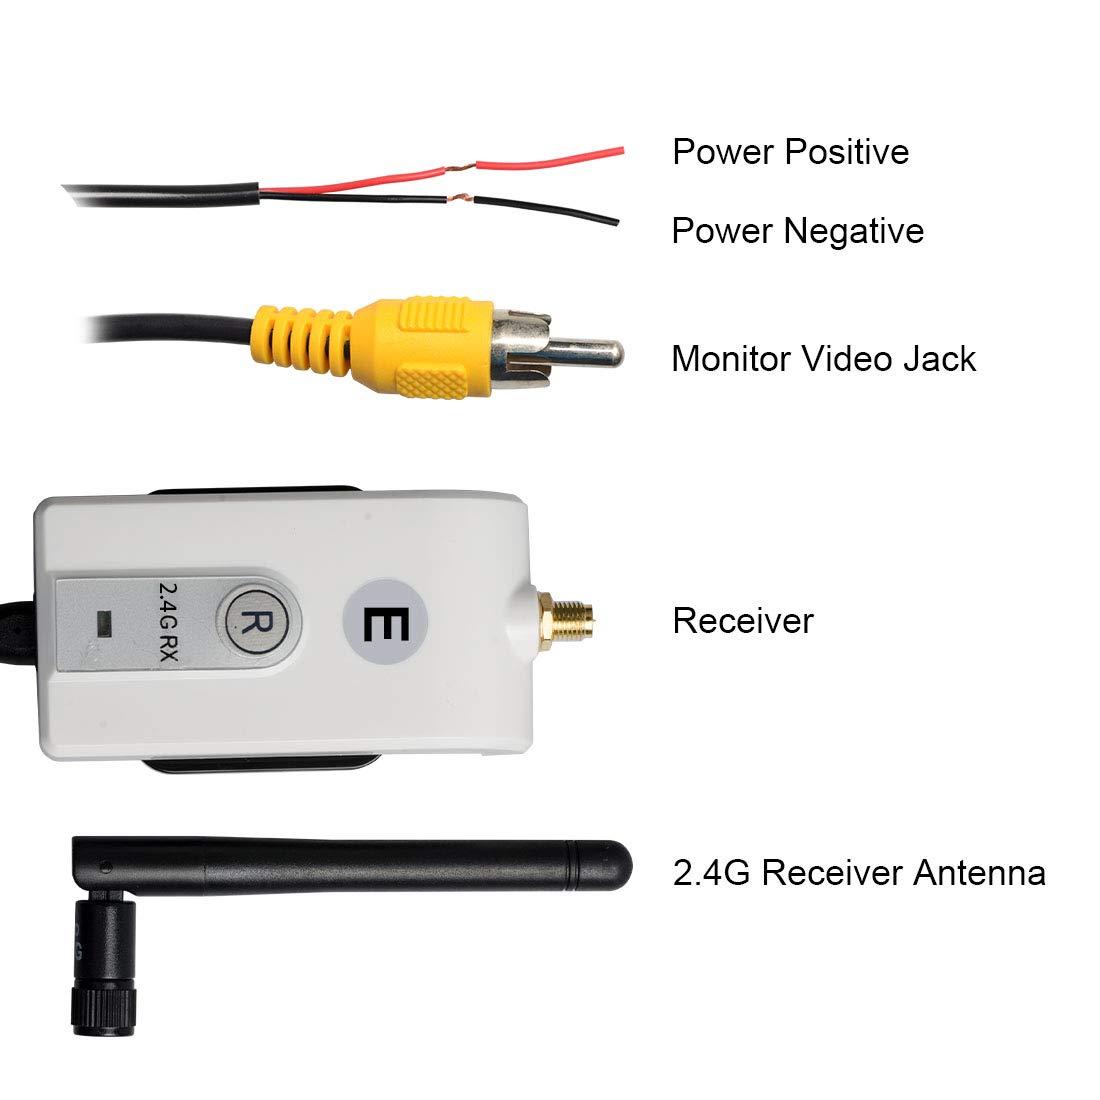 Sumicline E625 2.4G Kit de Monitor de v/ídeo inal/ámbrico con transmisor y Receptor